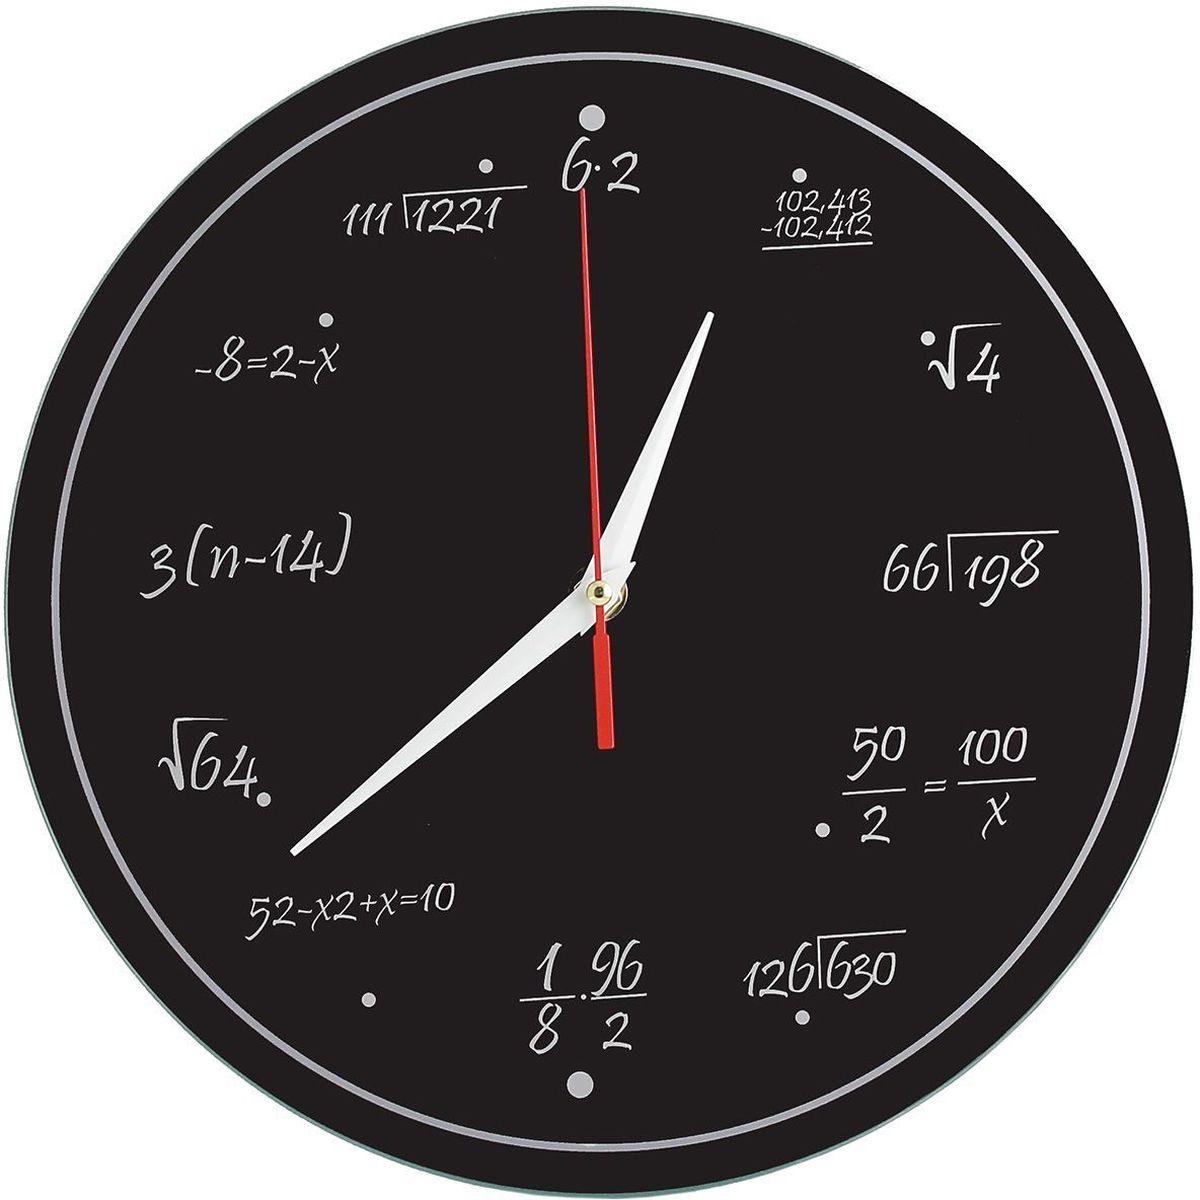 Часы настенные Эврика Забавная математика, стеклянные, 30 х 28 х 5 см97846Оригинальные часы выполнены на стеклянном основании. Размеры часов: 28 х 3 см. Механизм хода плавный, бесшумный (не тикают). Упаковка: коричневый картон.